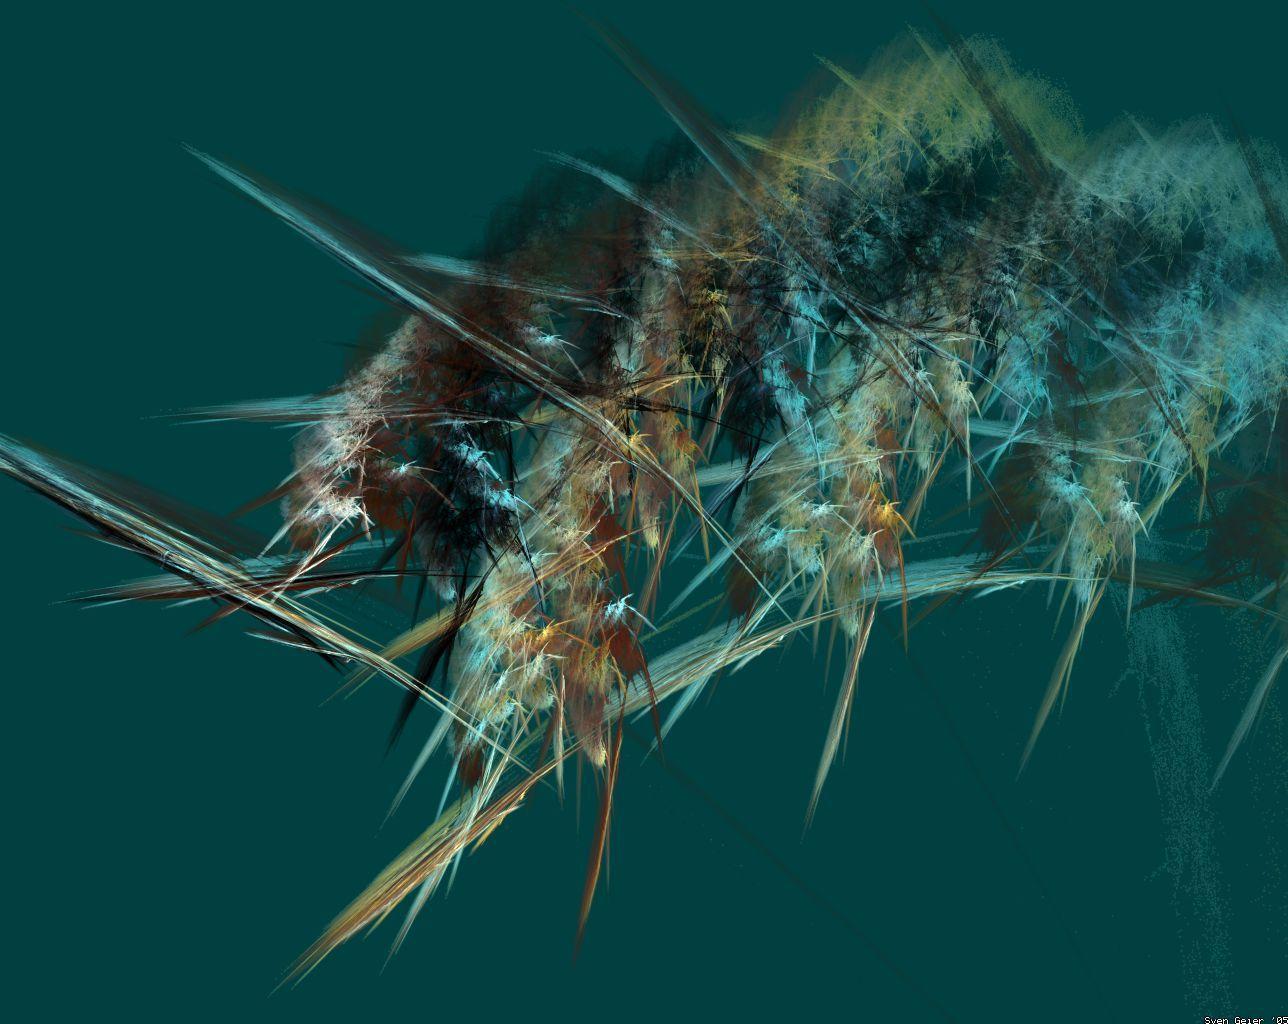 Bug.jpg (1288×1024)